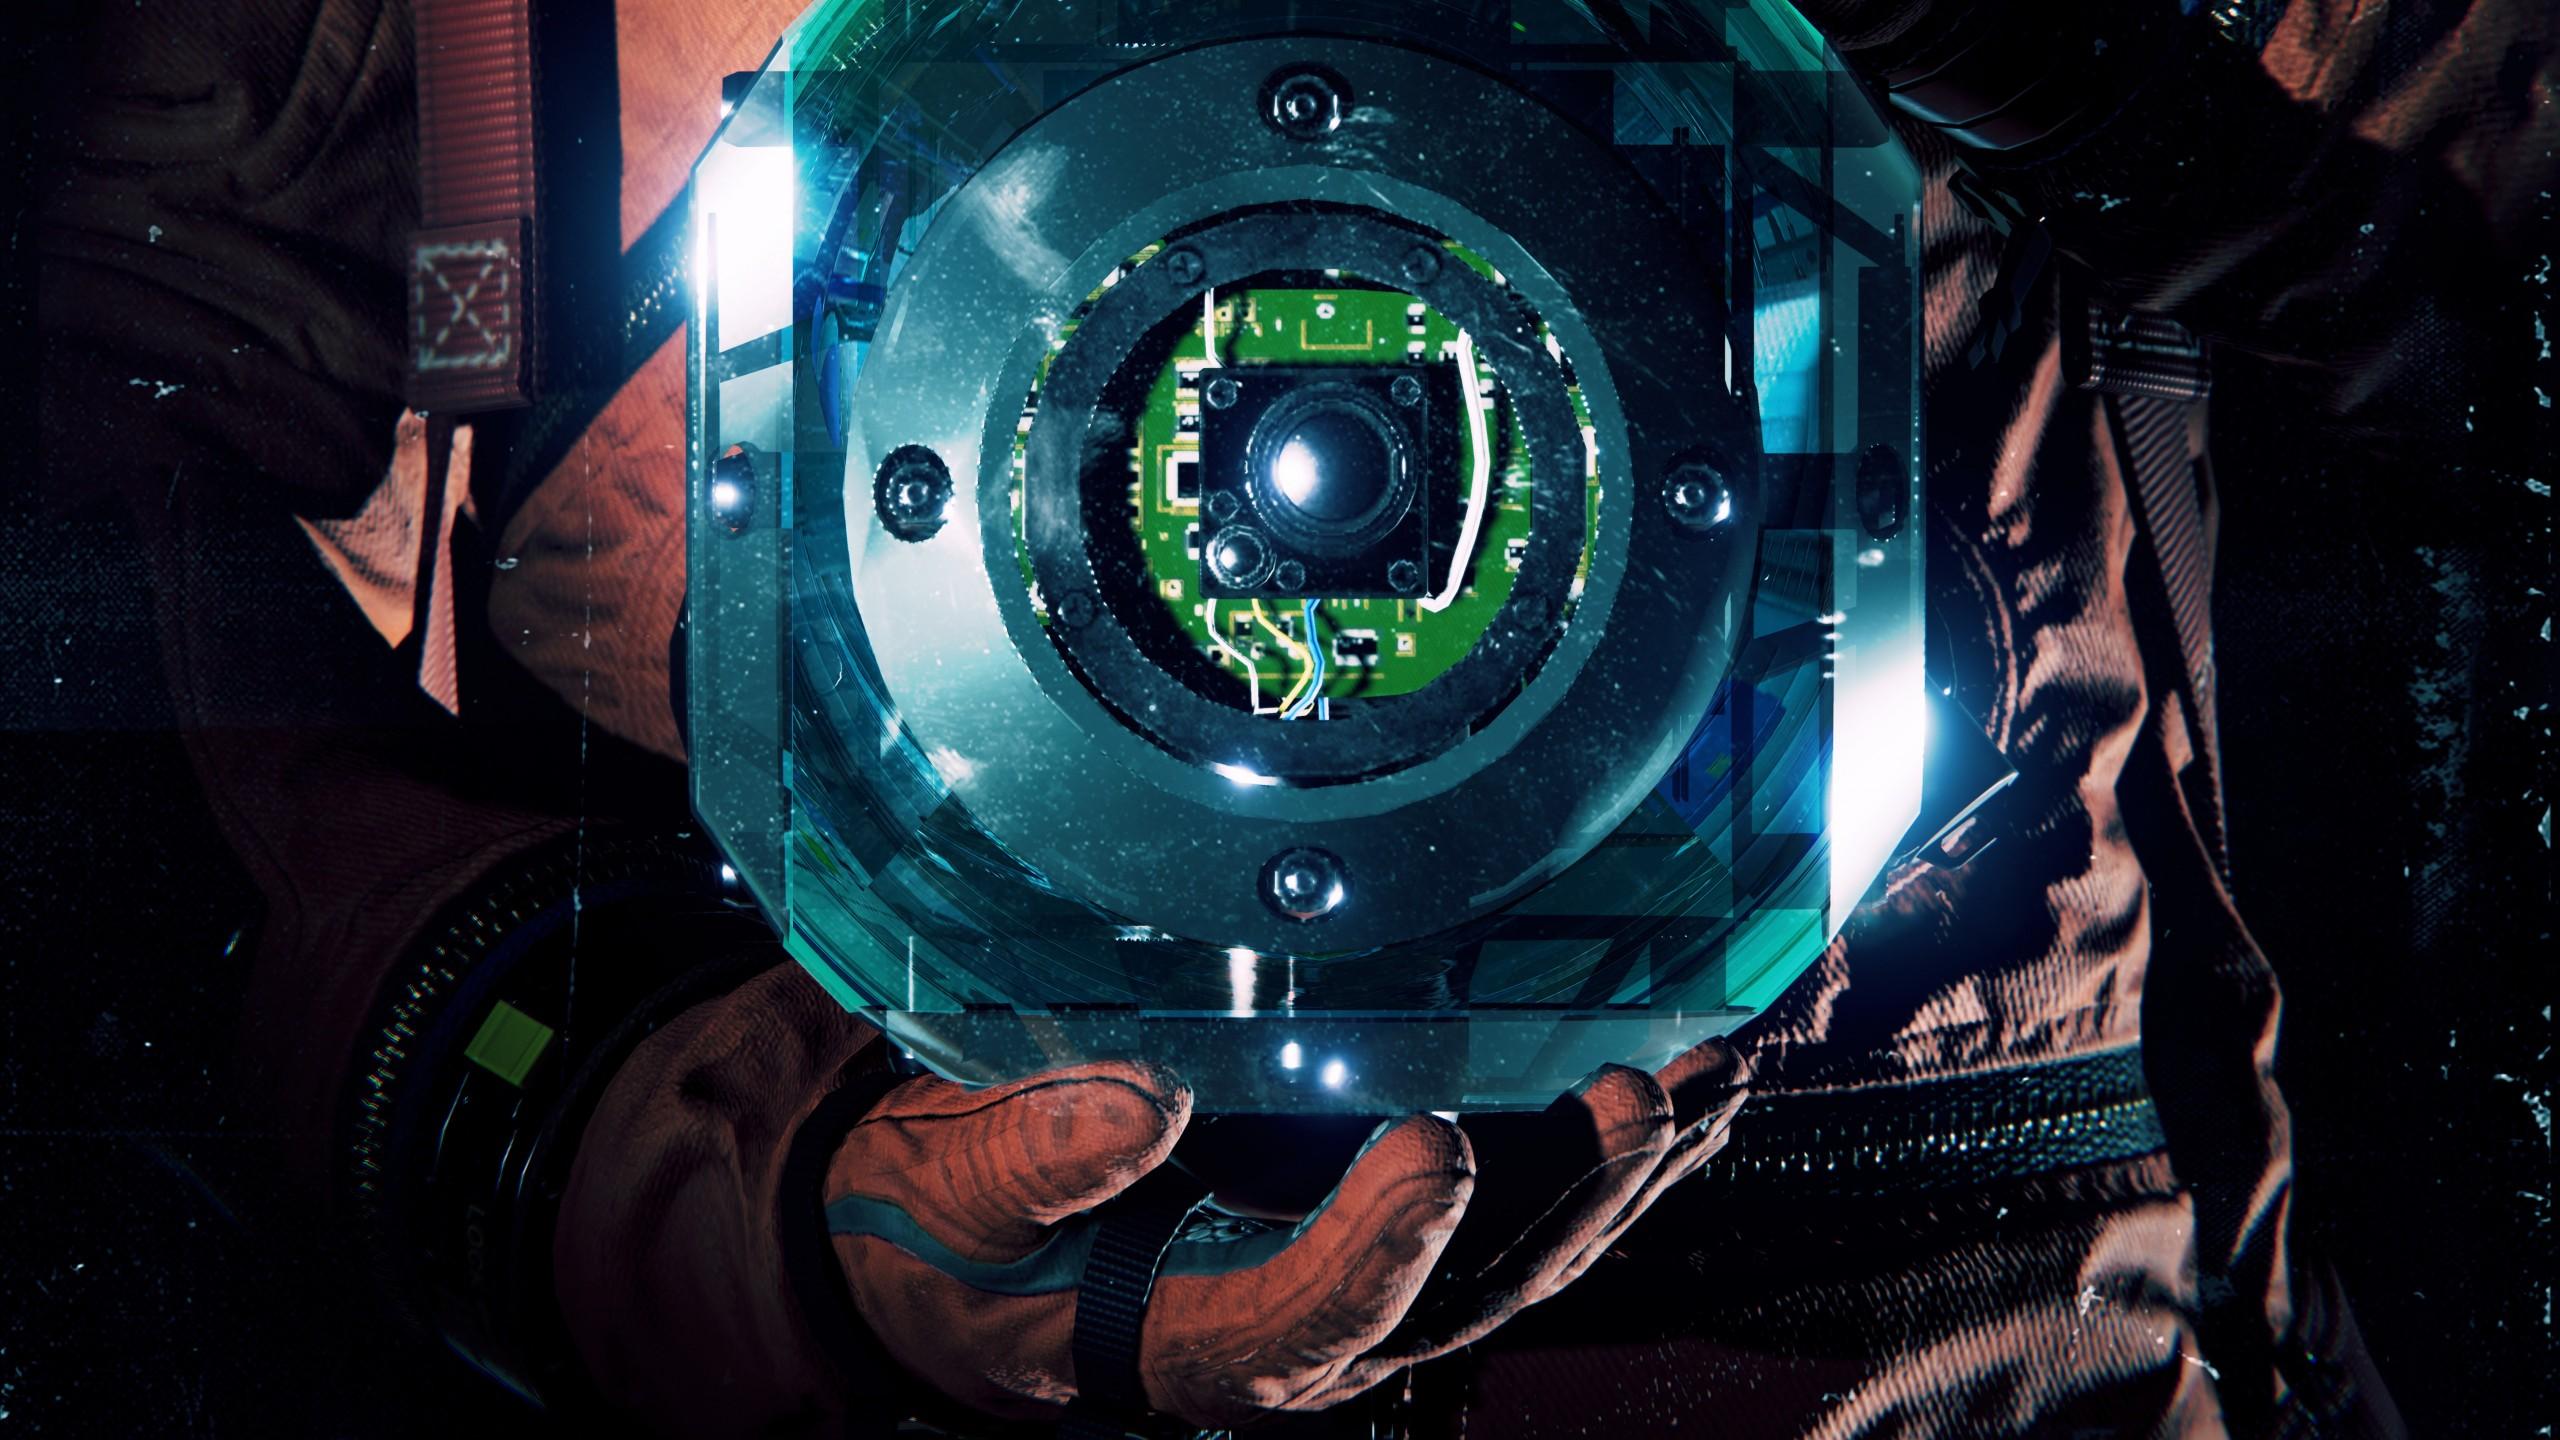 Wallpaper Observation poster 5K Games 21526 2560x1440